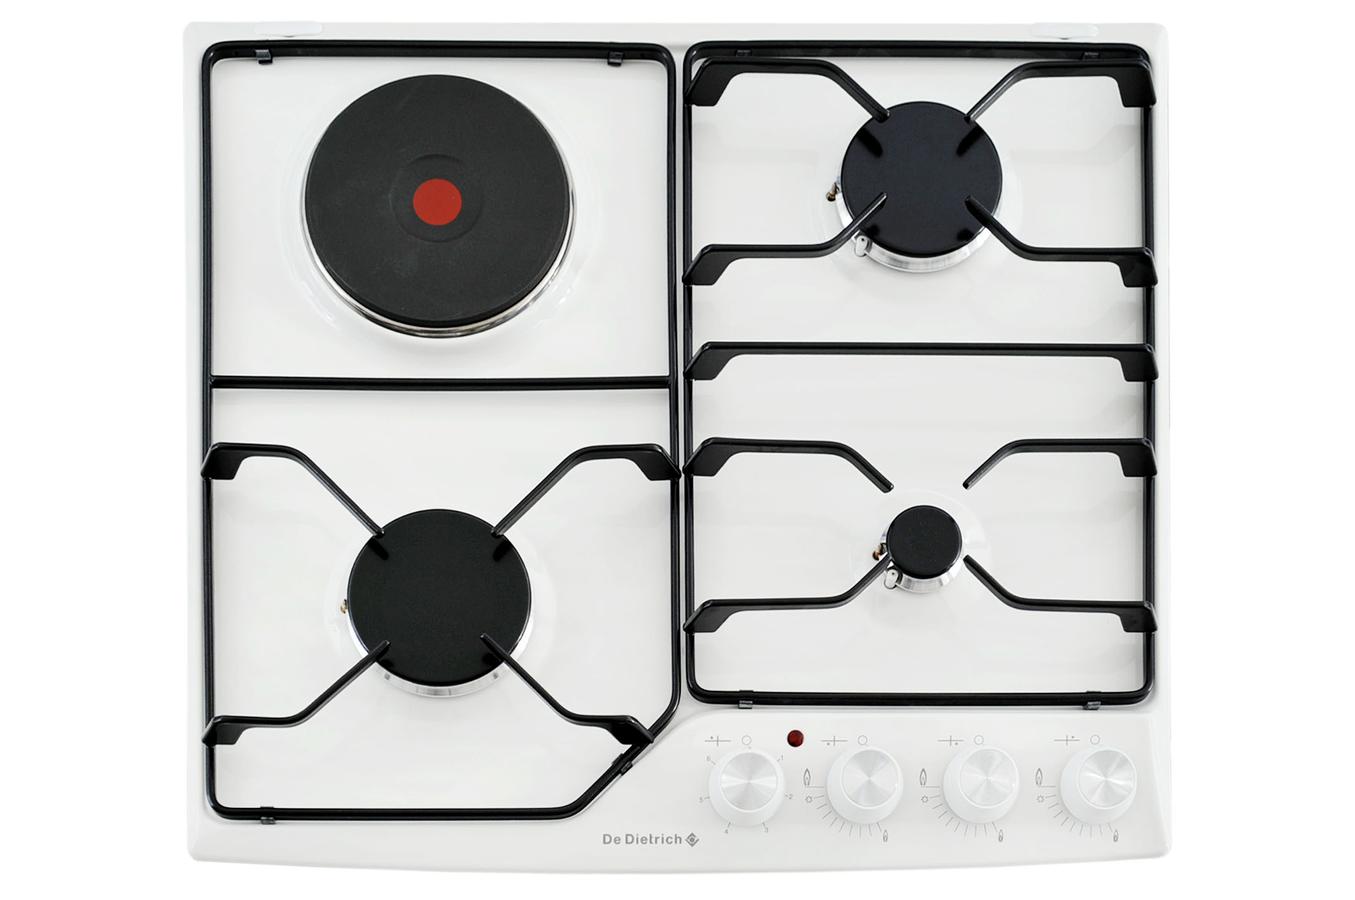 Table de cuisson gaz et electrique encastrable 6 de - Table de cuisson gaz de dietrich ...